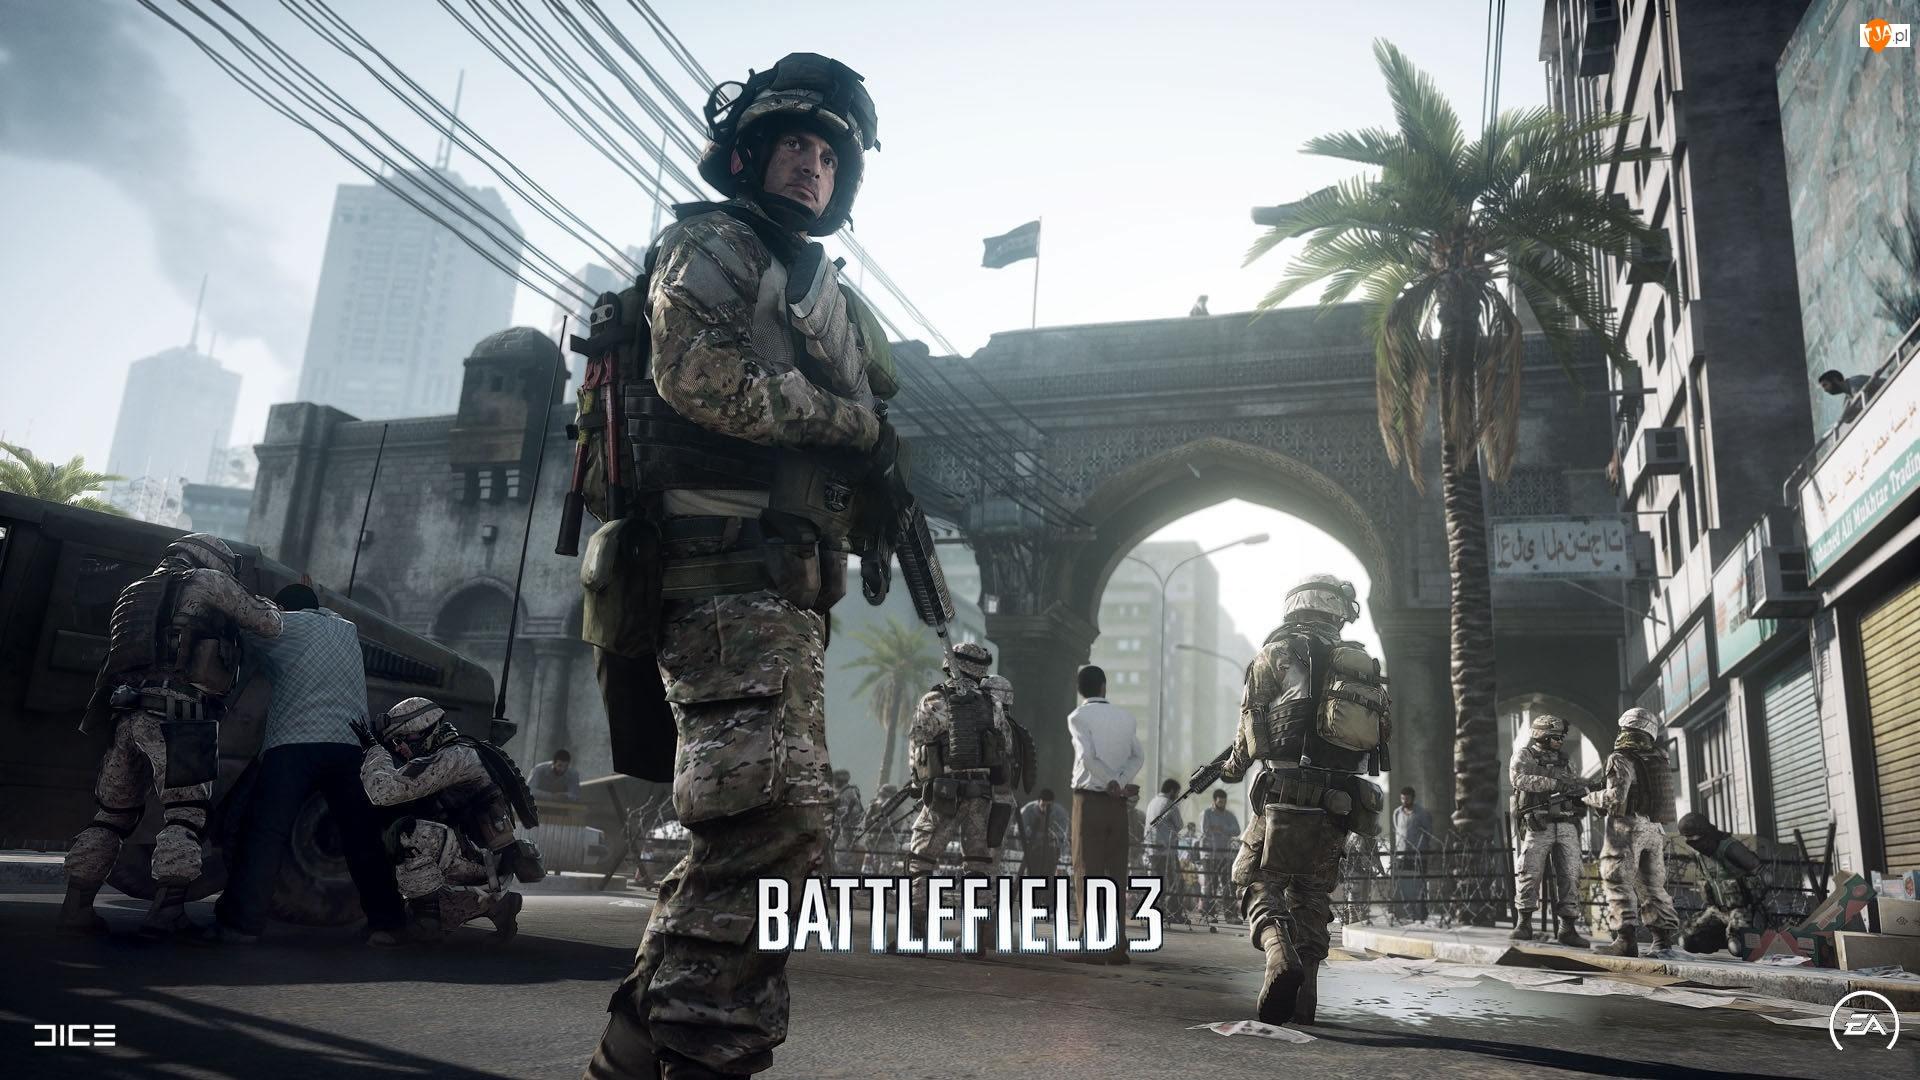 Battlefield 3, Ulica, Żołnierze, Broń